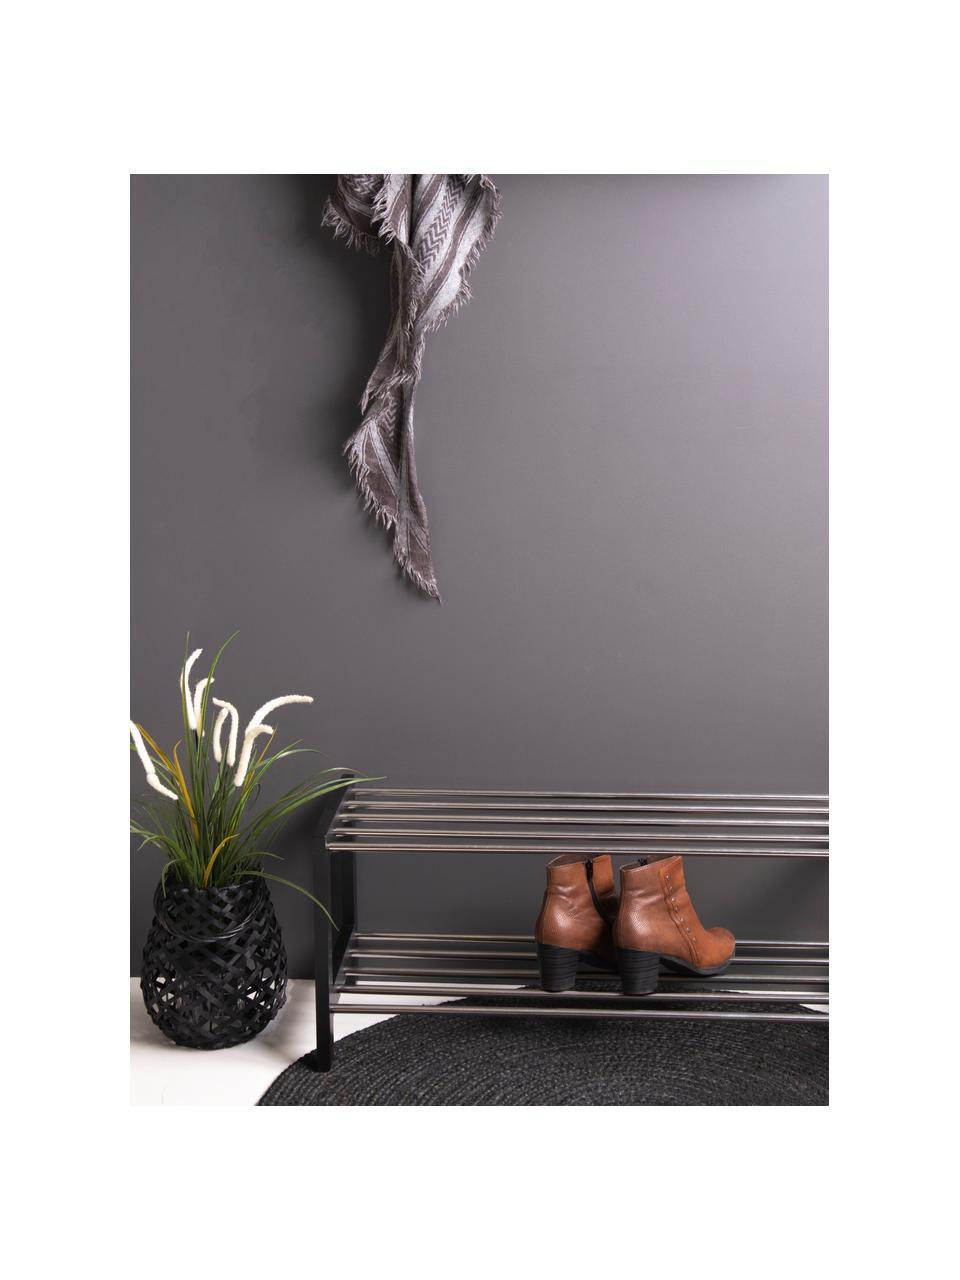 Schuhregal Padova mit 2 Ablageflächen, Gestell: Pappelholz, lackiert, Schwarz, Stahl, 78 x 32 cm